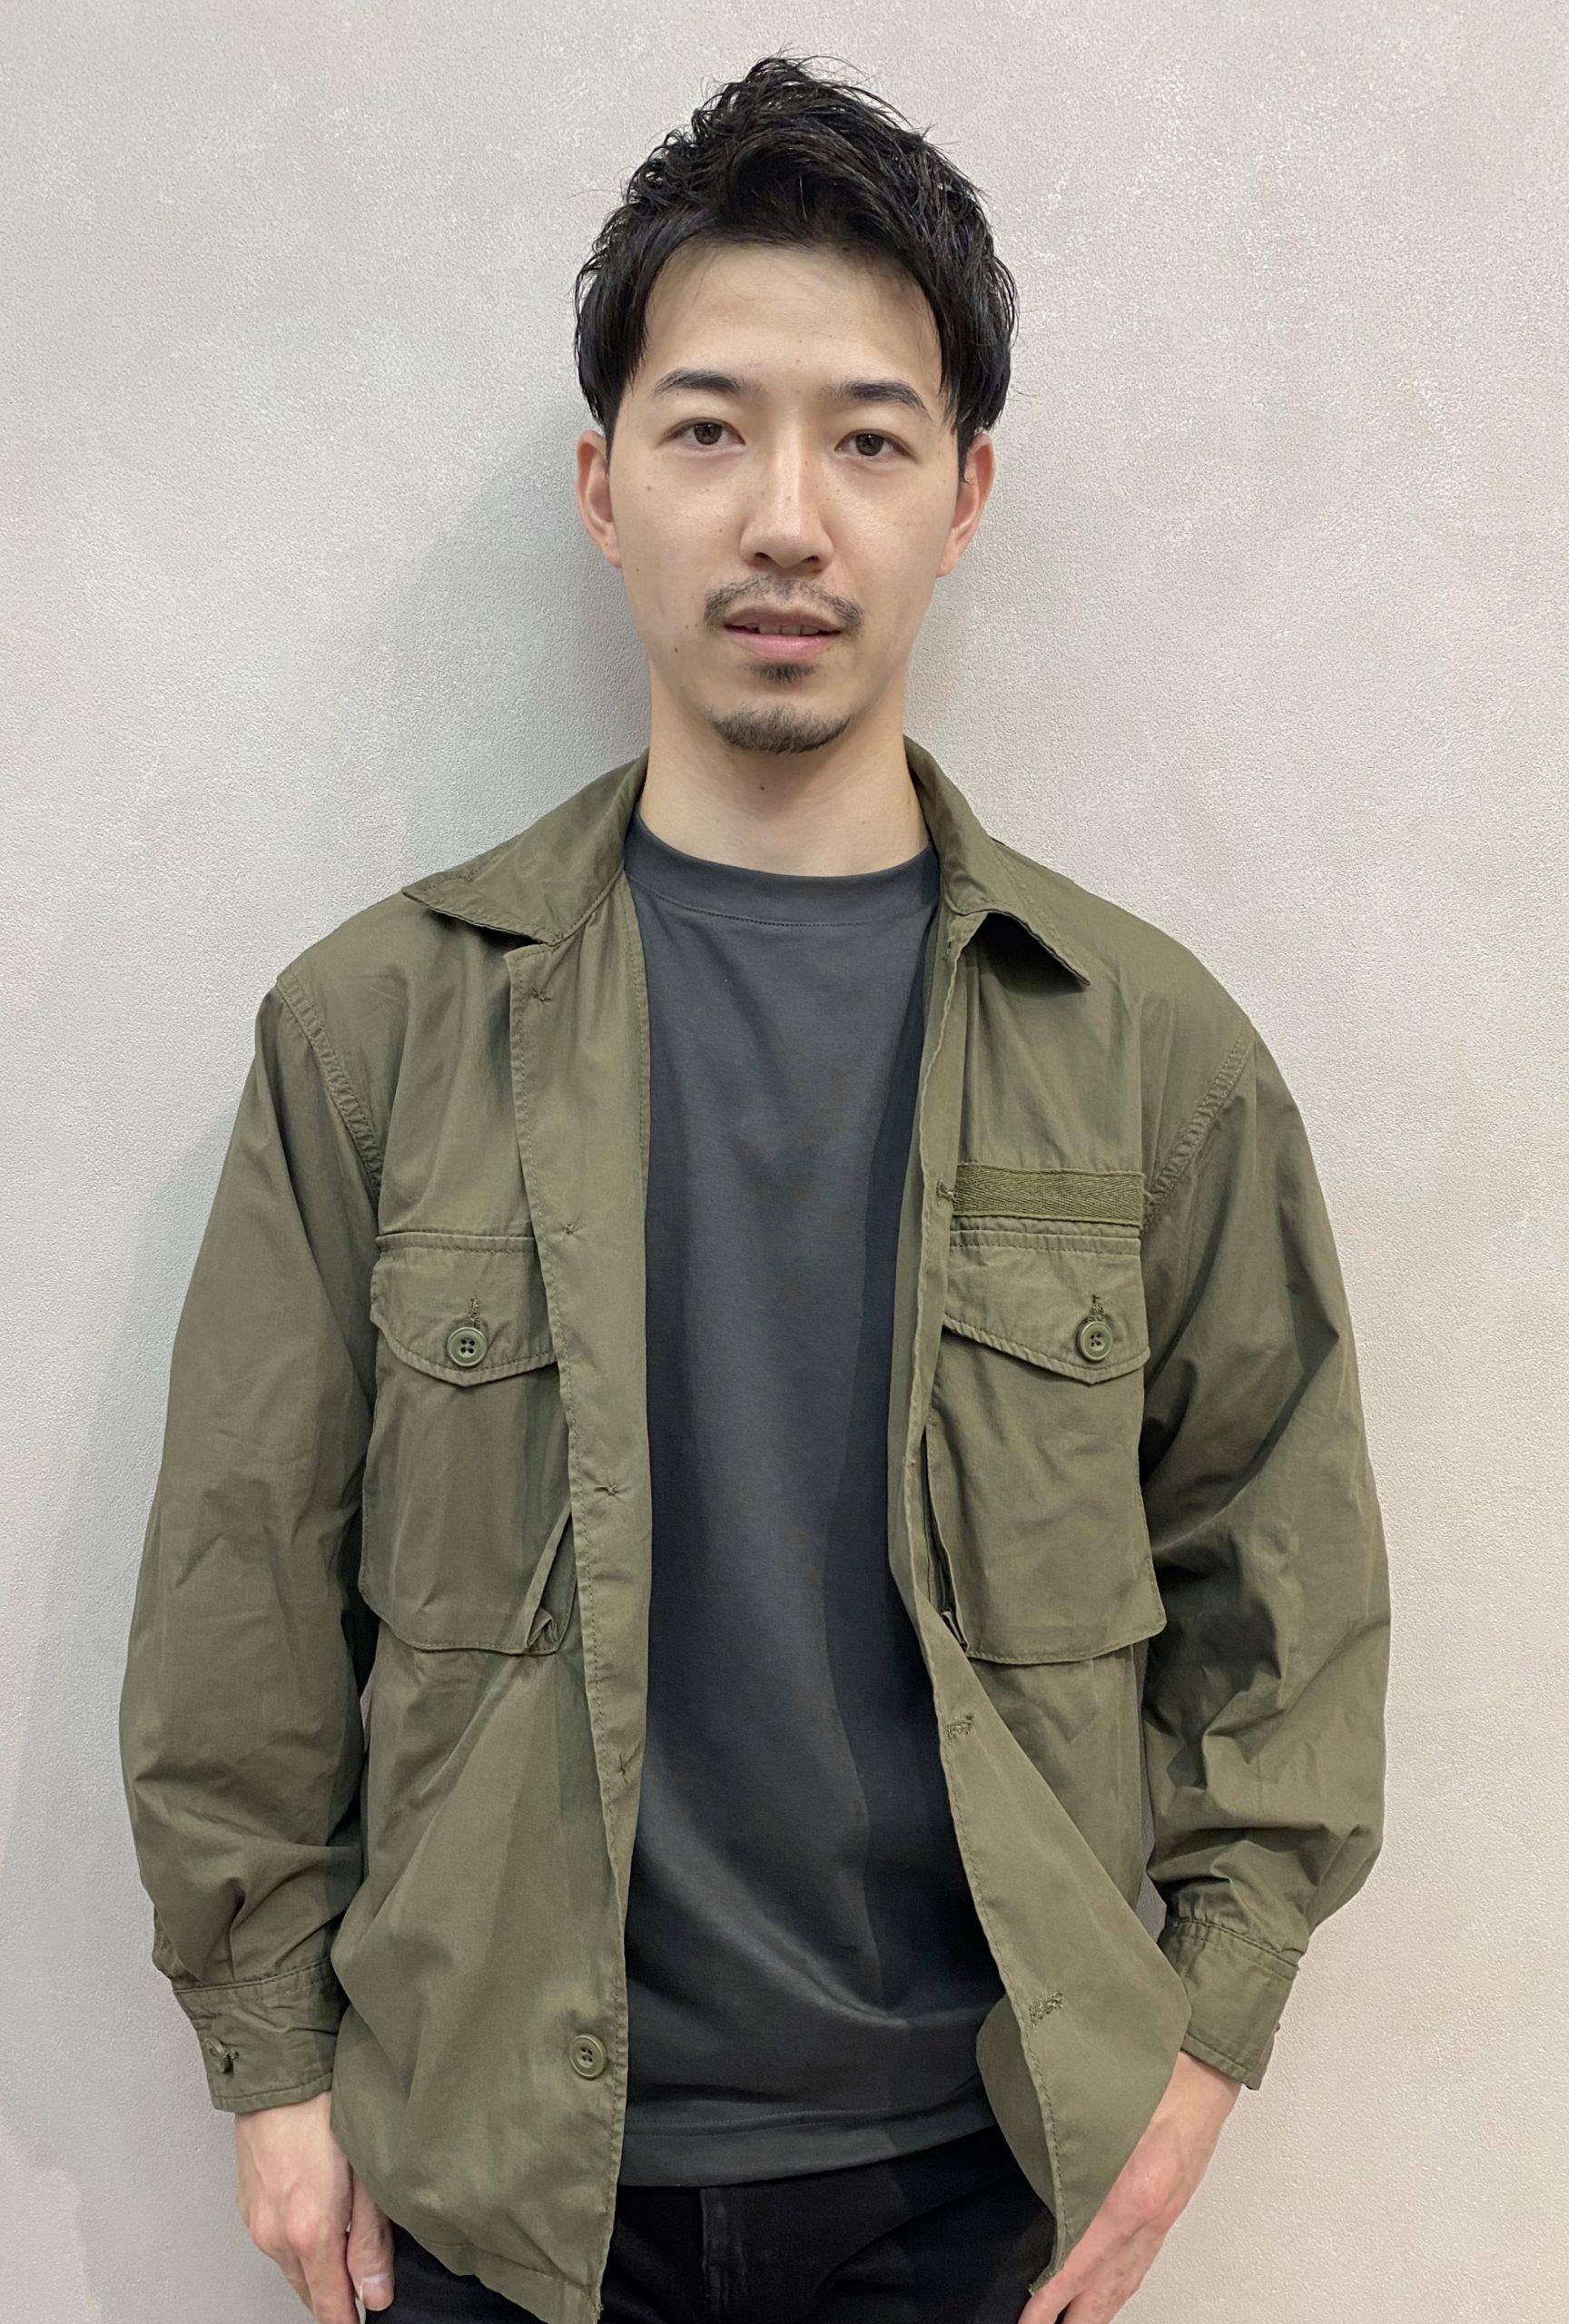 Takao Funatsu